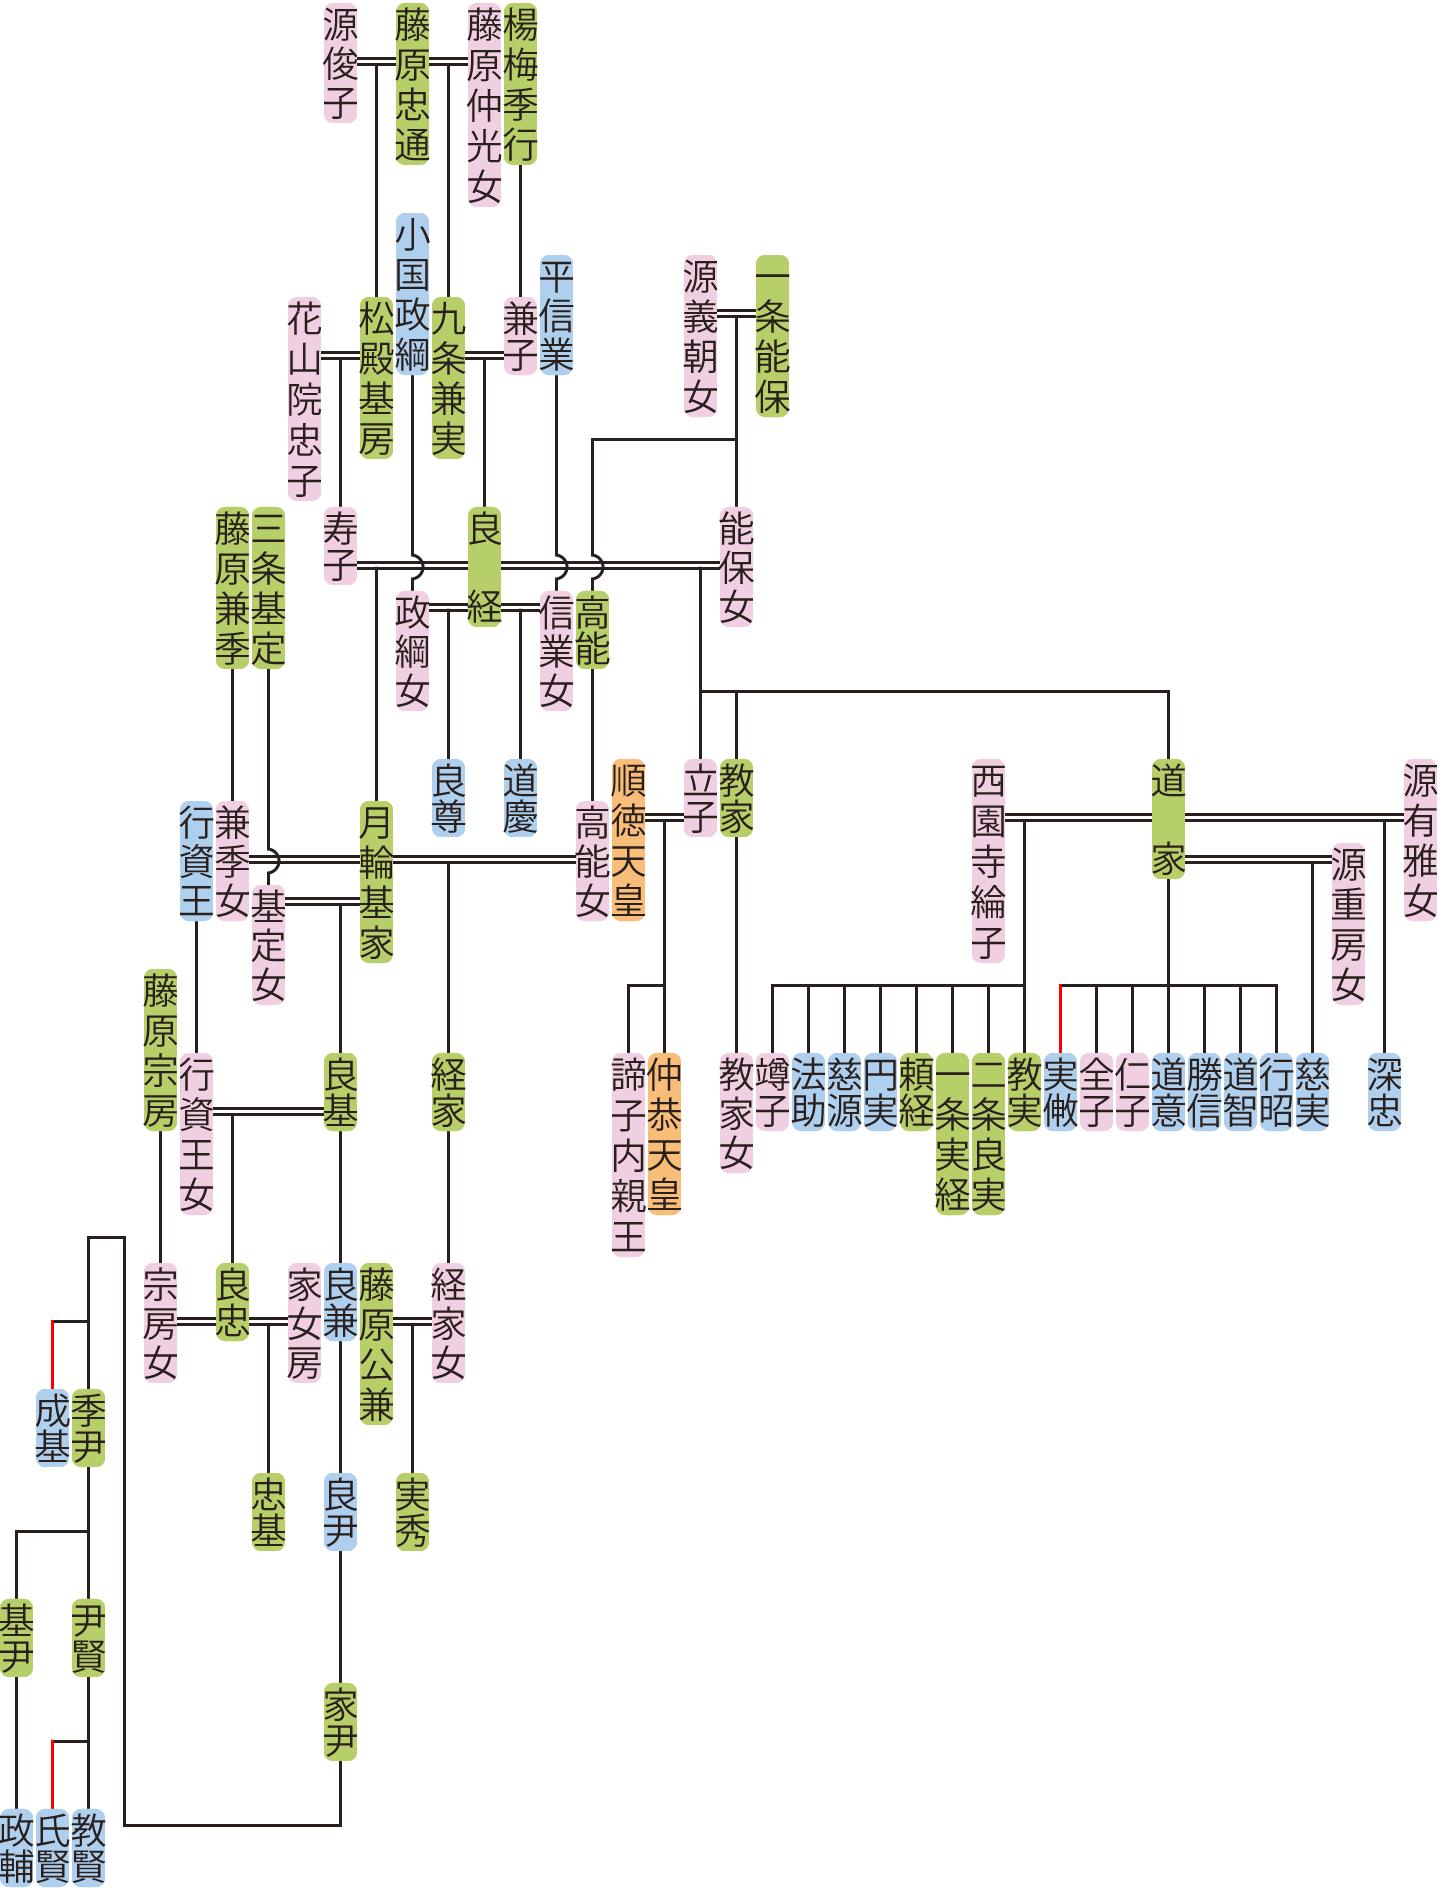 九条良経の系図